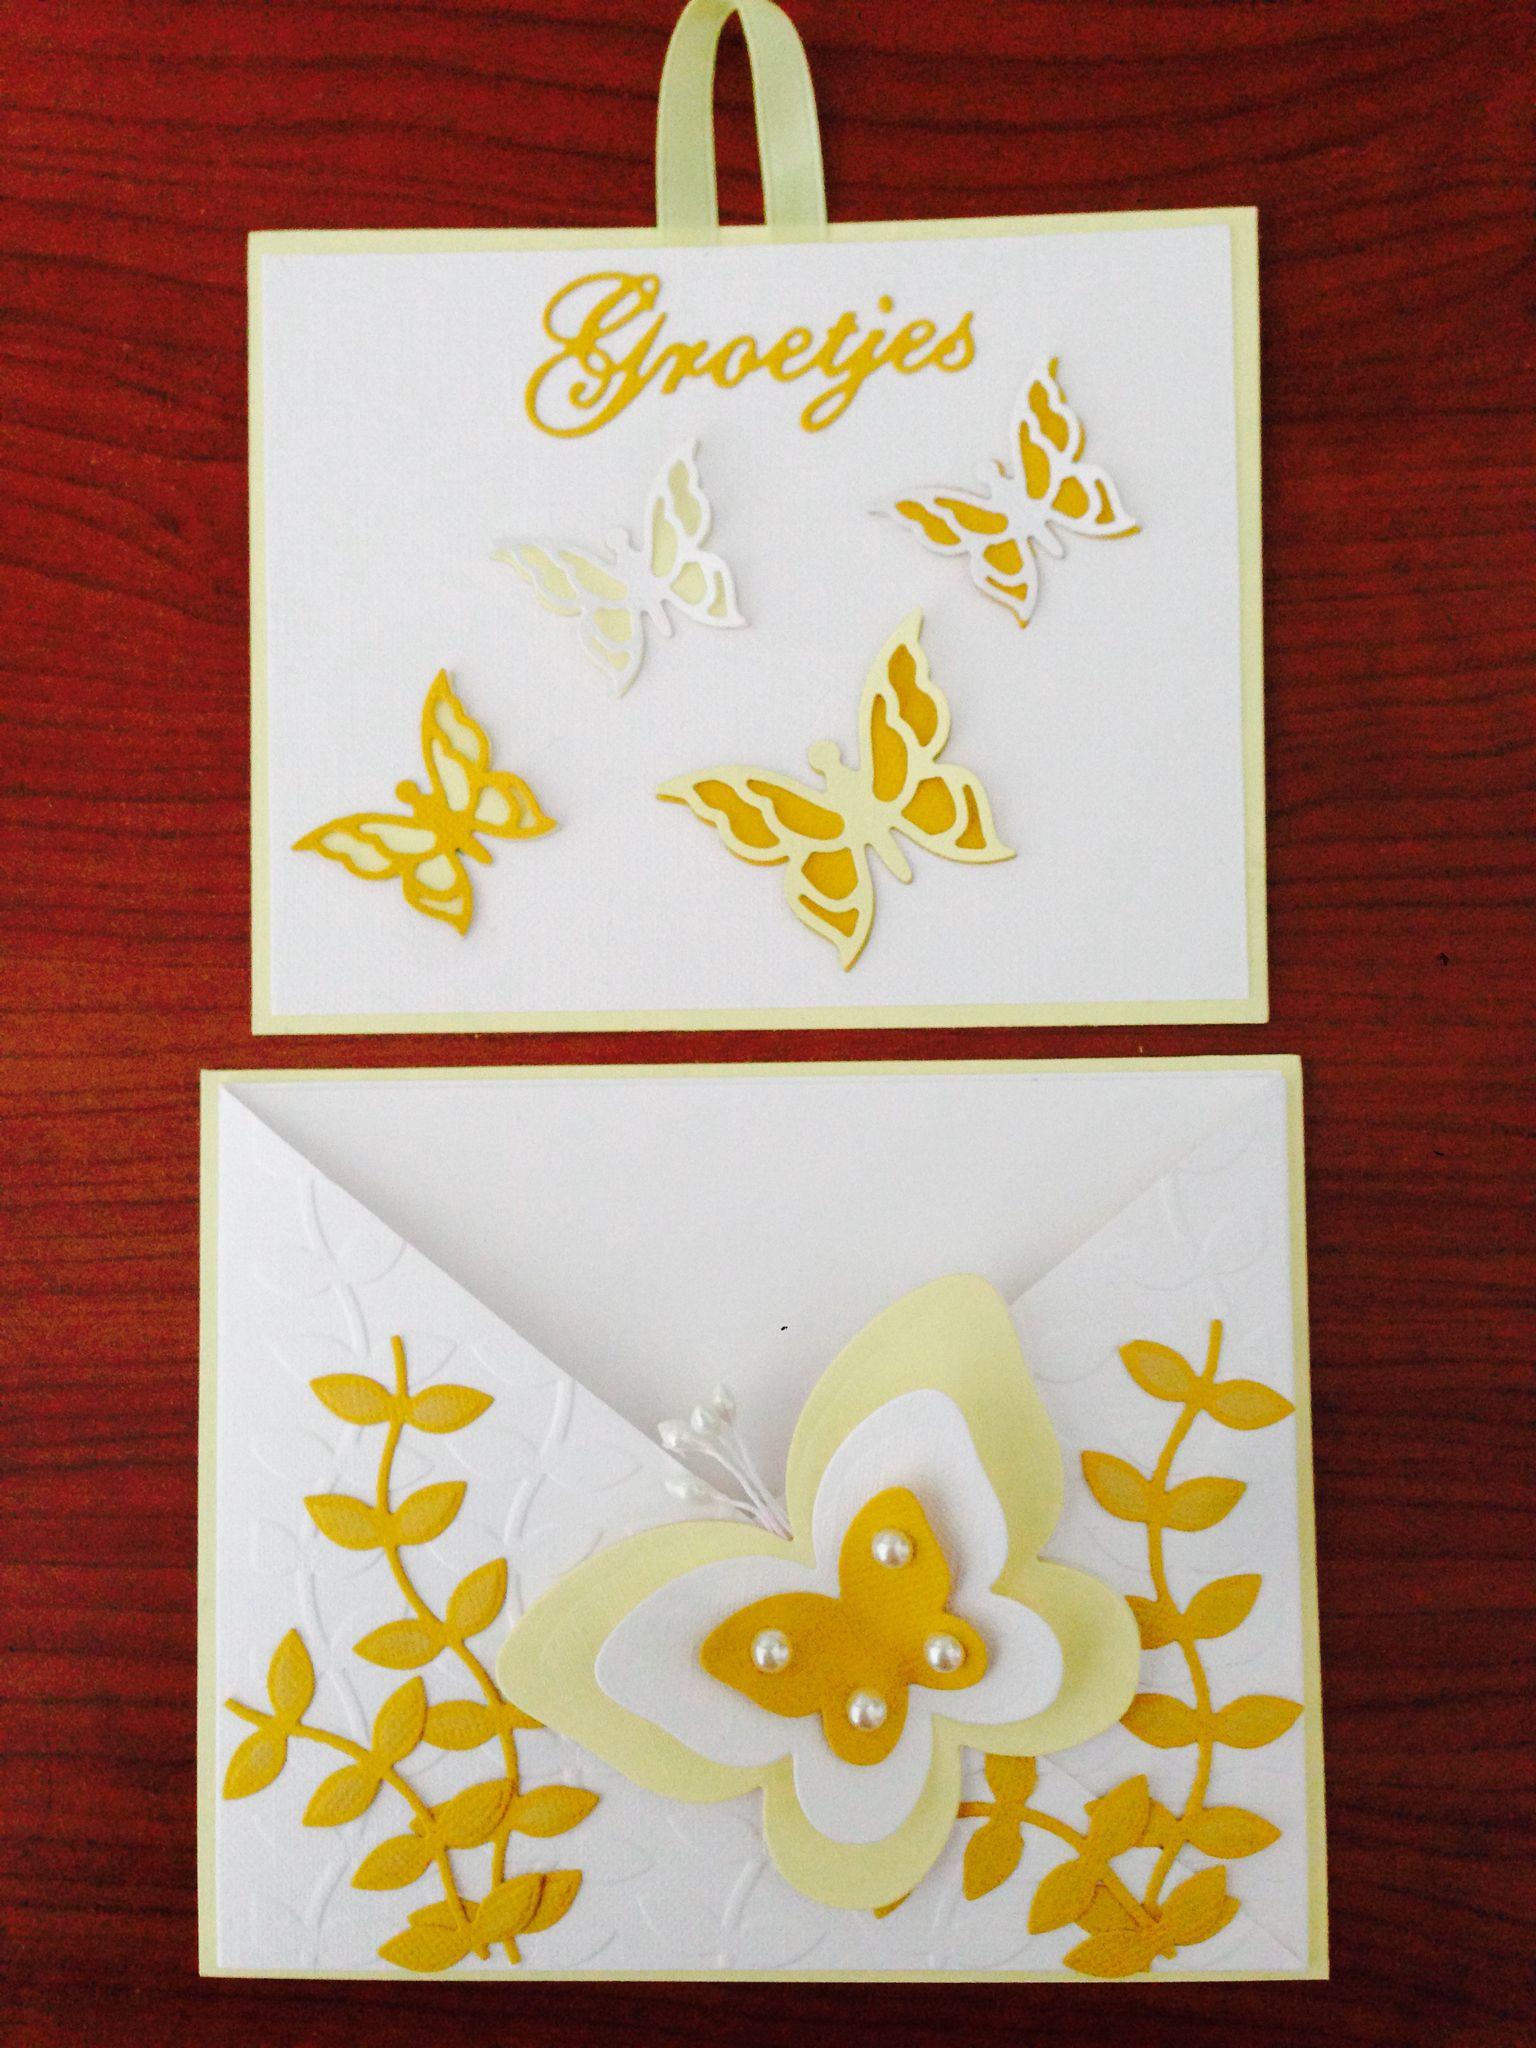 Cris cros kaart maken. de maten zijn  2x26 bij 10.5 rillen op 13 cm binnenkaart geel 10x12.5   wit 9.5 x12 onderkaart geel 13.5 x 11cm  plakken